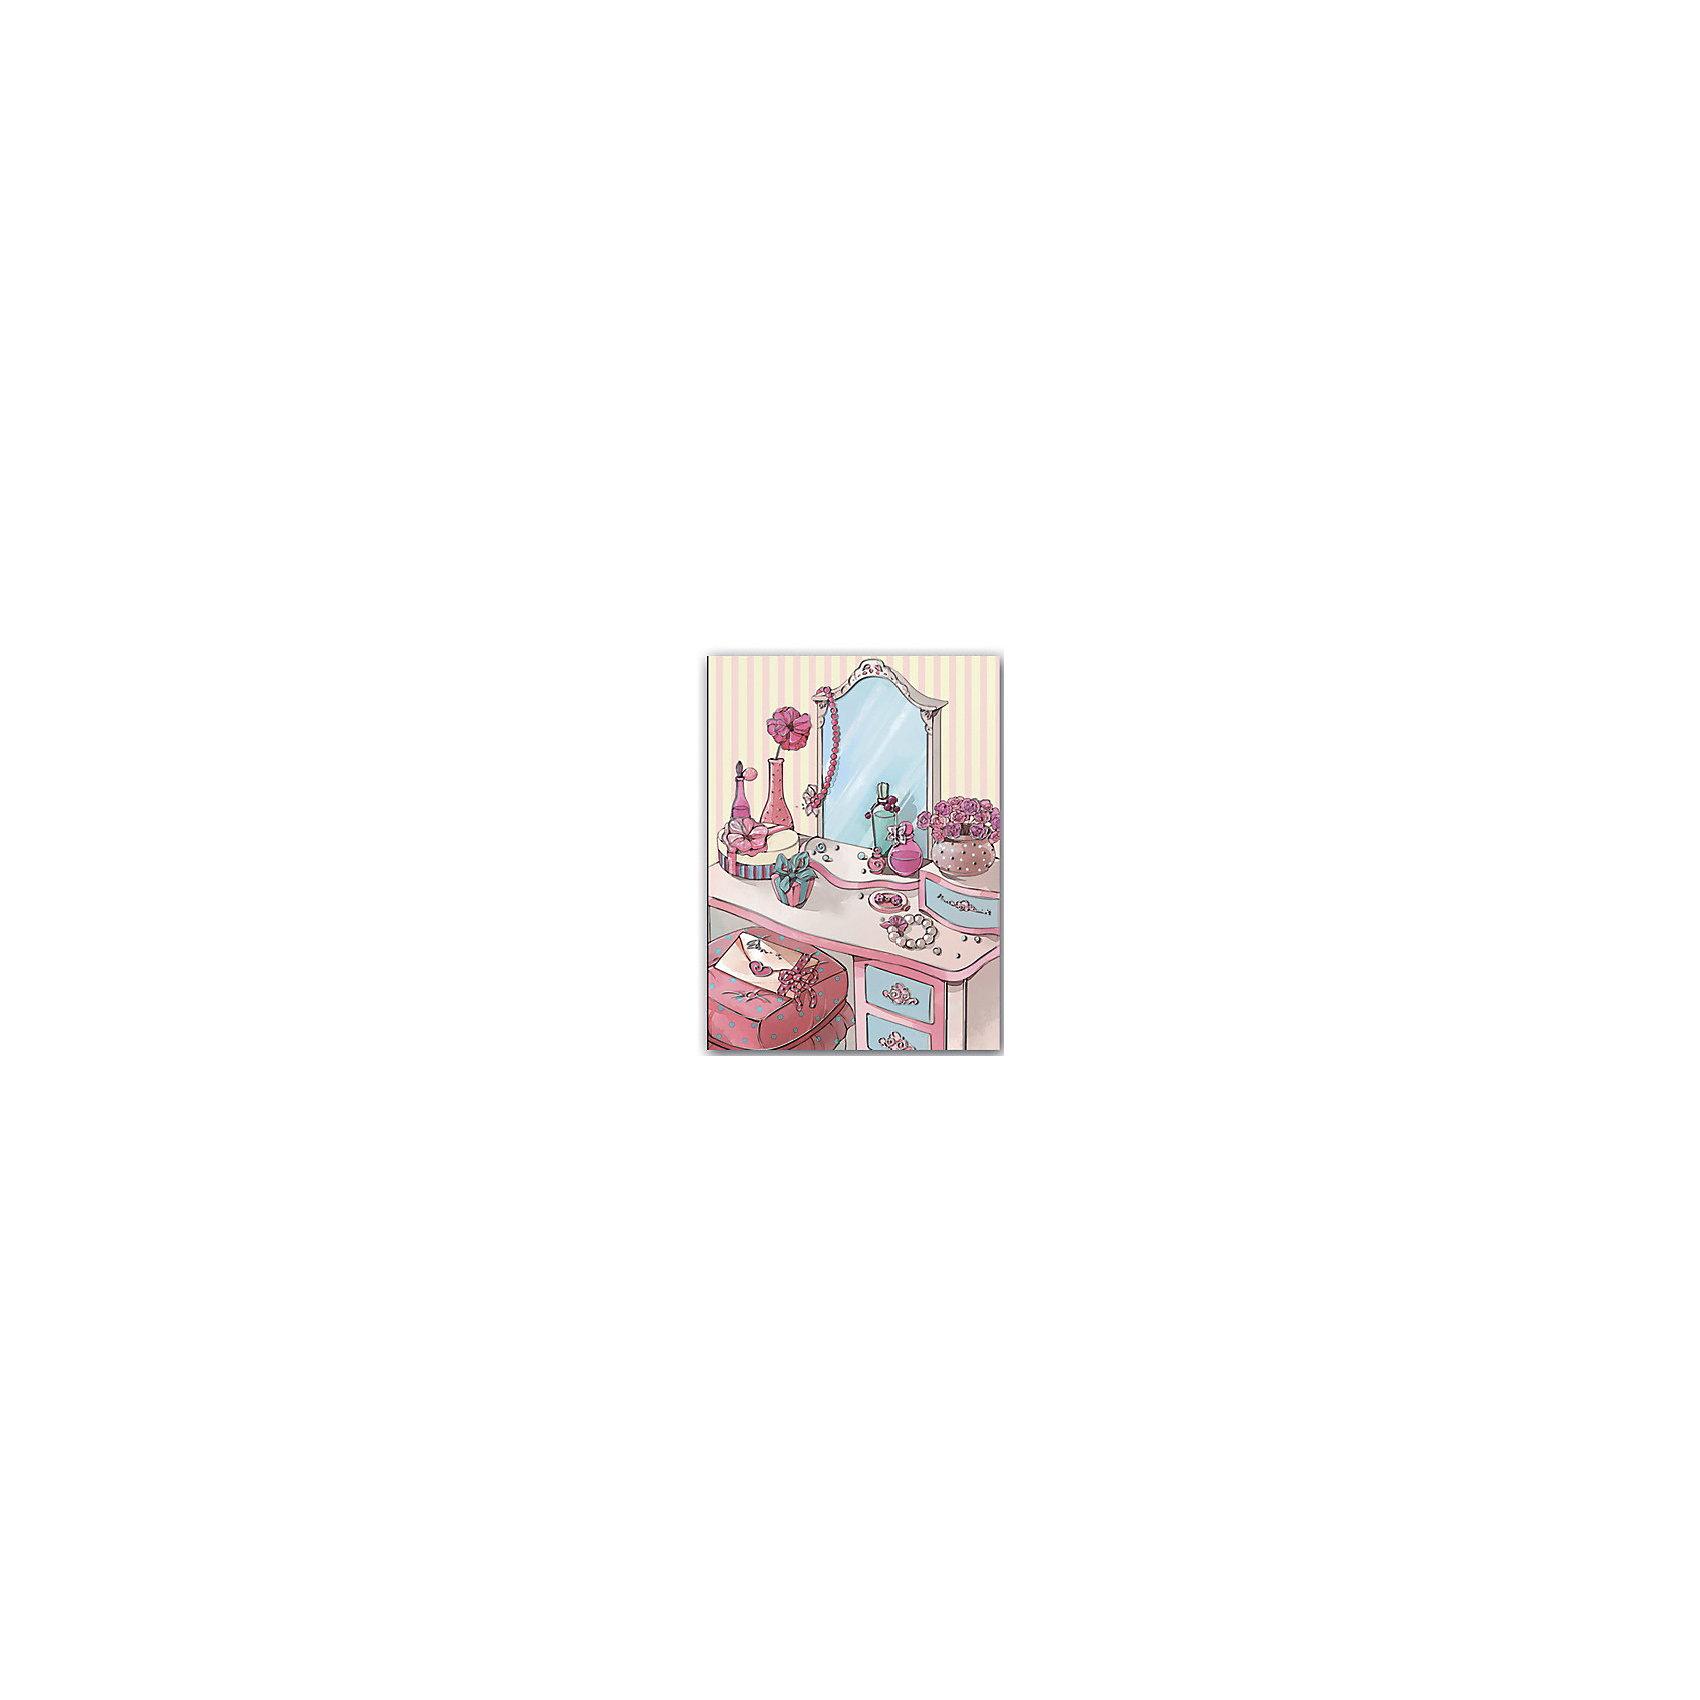 Записная книжка Для модниц, А6Красивая записная книжка, украшенная оригинальным рисунком, стразами и фольгой обязательно понравится девочке и станет желанным подарком на любой праздник. Плотные страницы идеально подойдут для рисунков и записей, а прочная красивая обложка надежно сохранит все девичьи секреты!  <br>Небольшой формат позволяет брать записную книжку куда угодно - она запросто поместится в любой сумочке и всегда будет под рукой! <br><br>Дополнительная информация:<br><br>- Обложка: твердая, 7БЦ с печатью по металлизированной бумаге, тиснение серебряной фольгой. <br>- Количество страниц: 160.<br>- Формат А6 (15 х 11 см.).<br><br>Записную книжку Для модниц, А6, можно купить в нашем магазине.<br><br>Ширина мм: 110<br>Глубина мм: 145<br>Высота мм: 10<br>Вес г: 130<br>Возраст от месяцев: 48<br>Возраст до месяцев: 2147483647<br>Пол: Женский<br>Возраст: Детский<br>SKU: 4756029